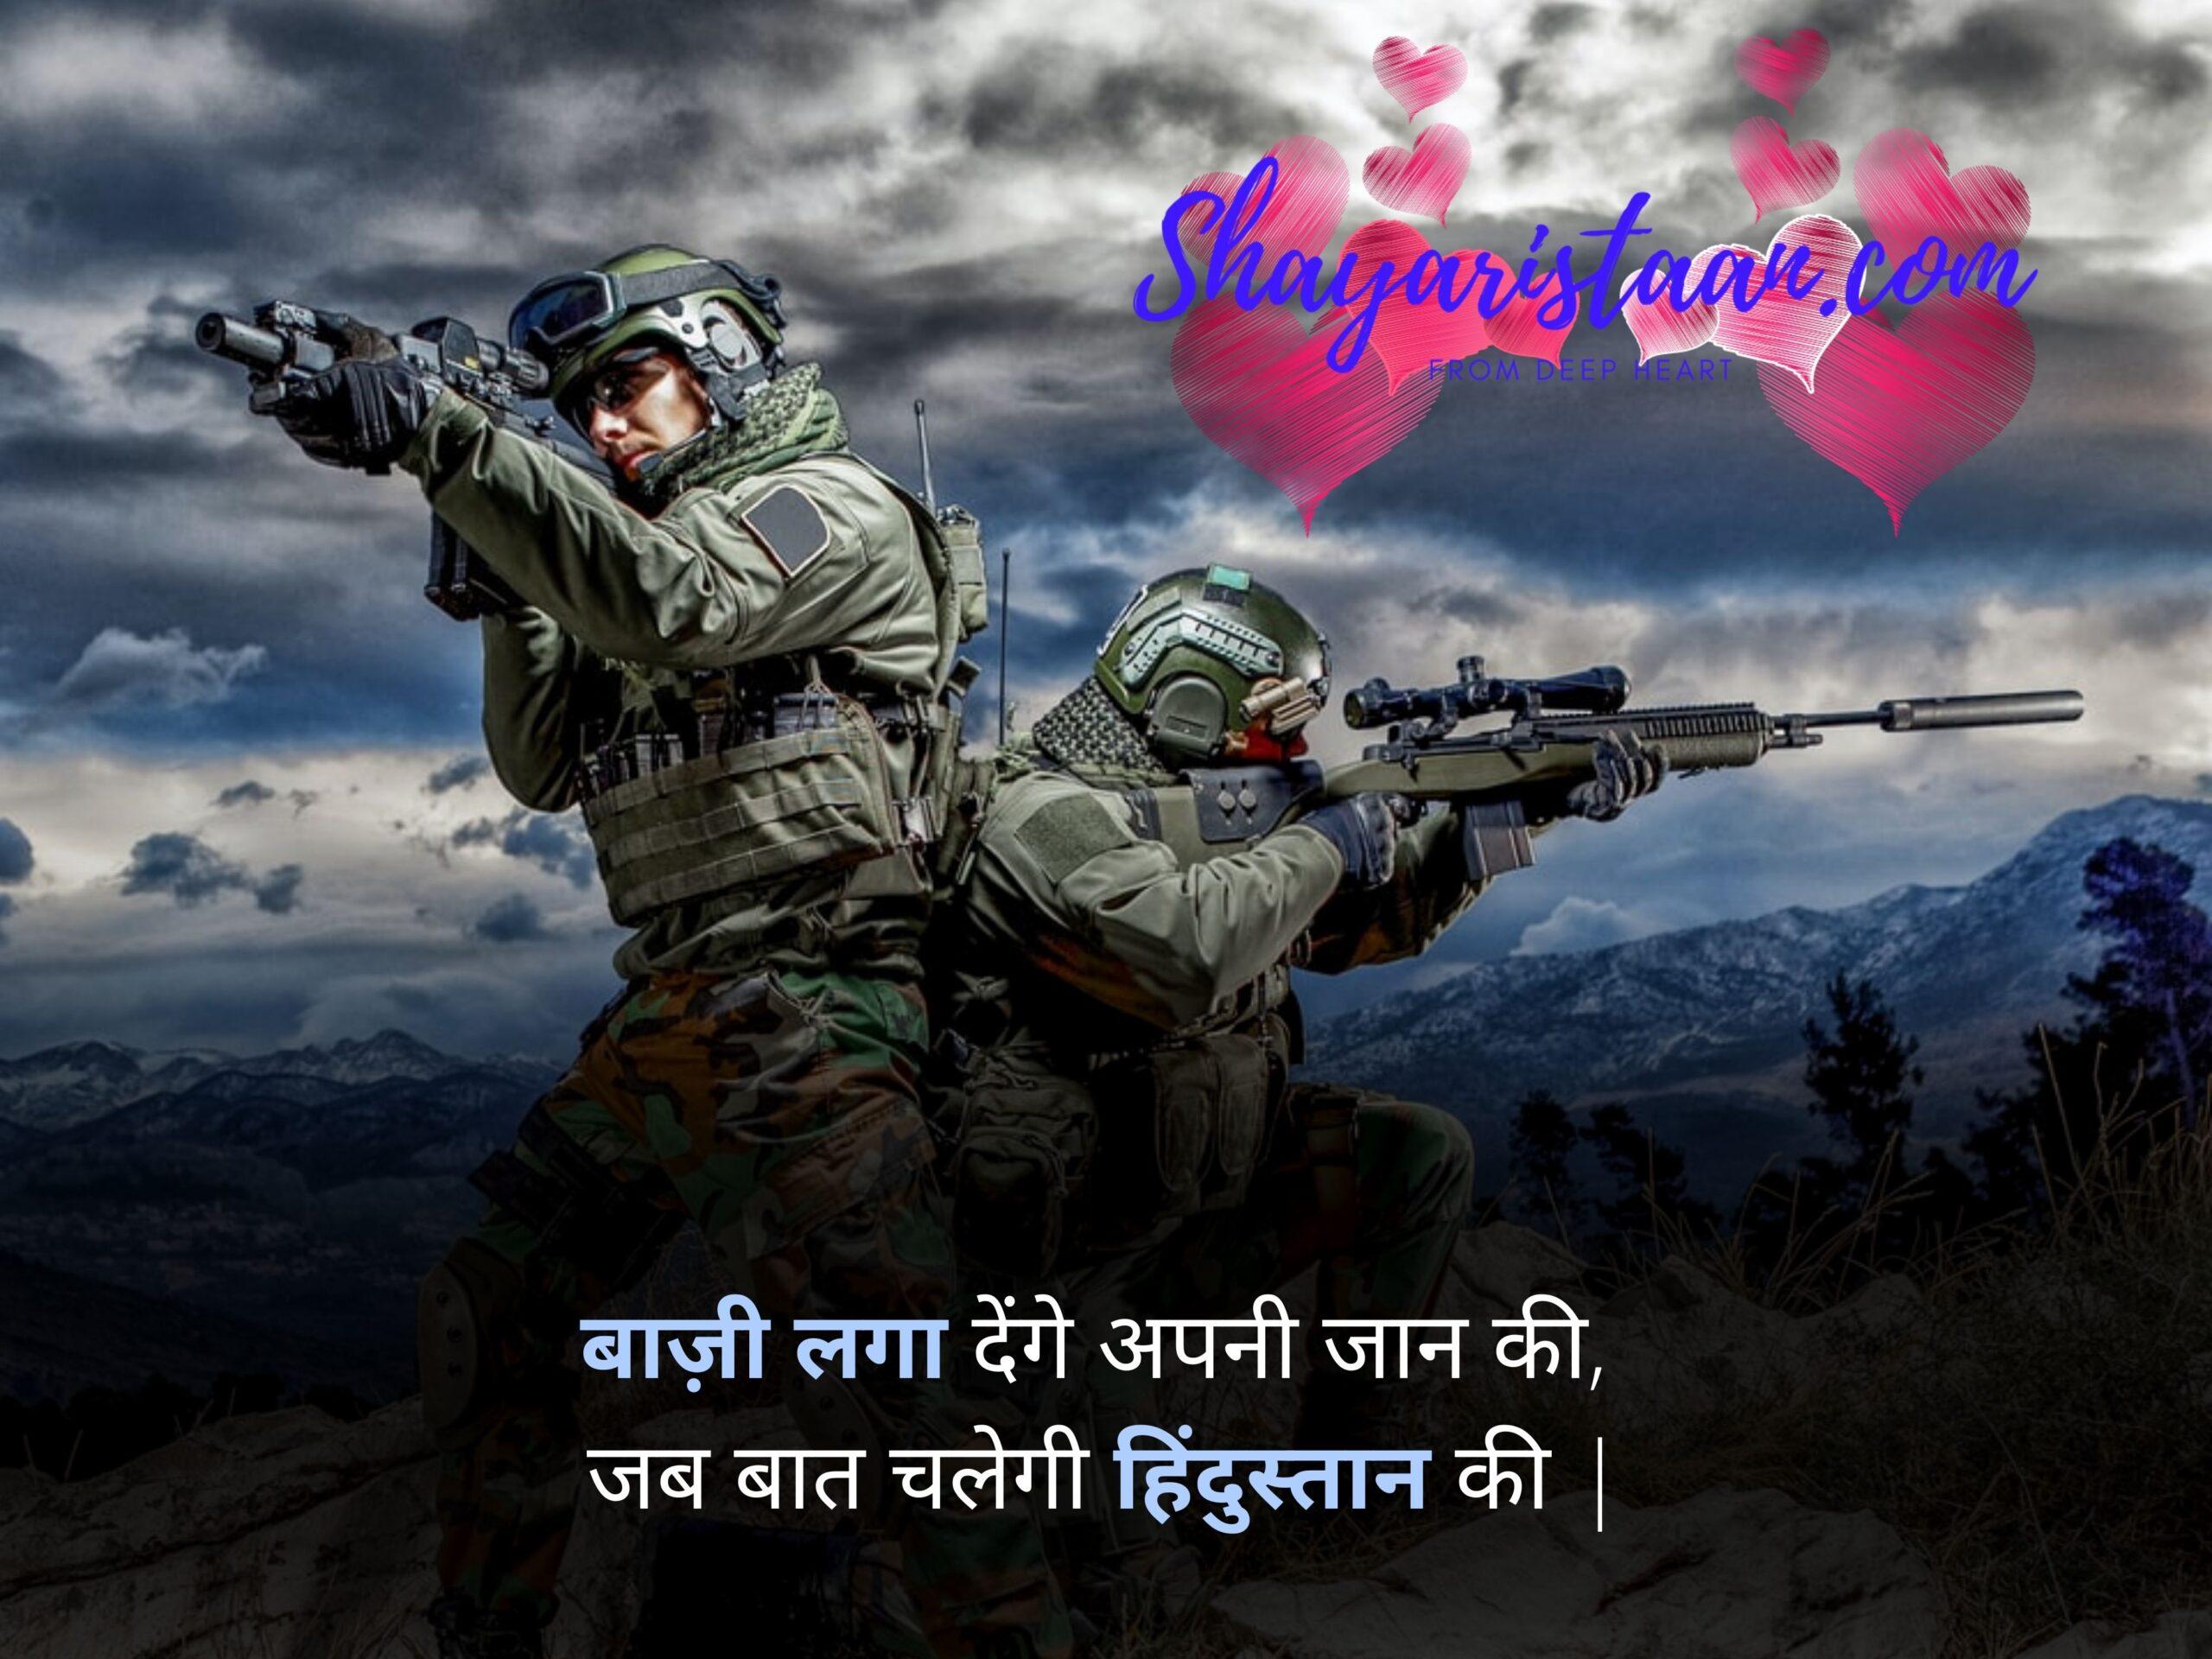 इंडियन आर्मी | बाज़ी लगा देंगे अपनी जान की, जब बात चलेगी हिंदुस्तान की |